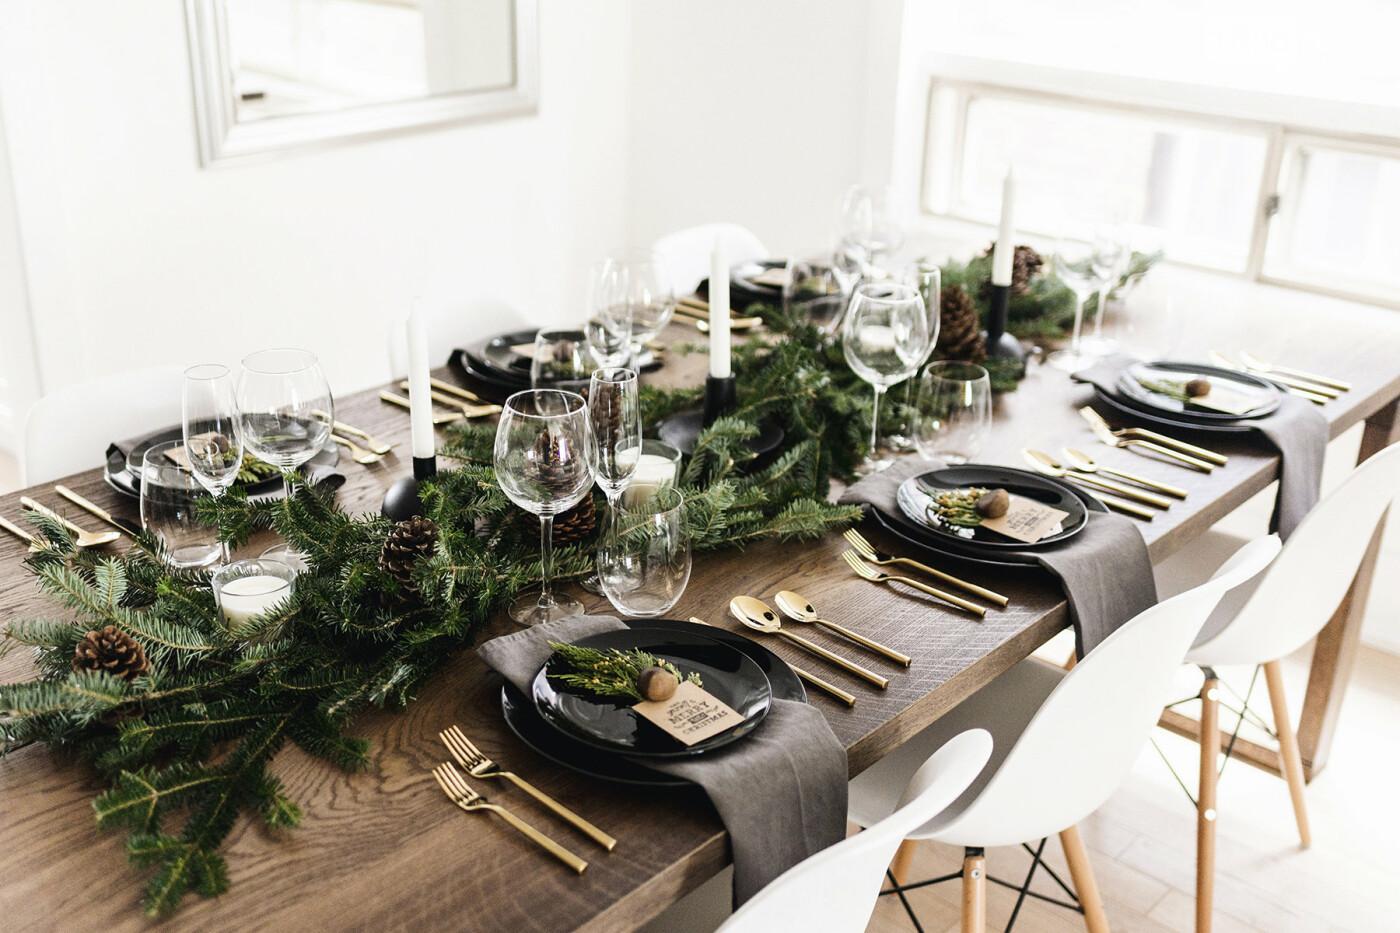 Готовимся к Новому году: составляем меню для праздничного стола, фото-2